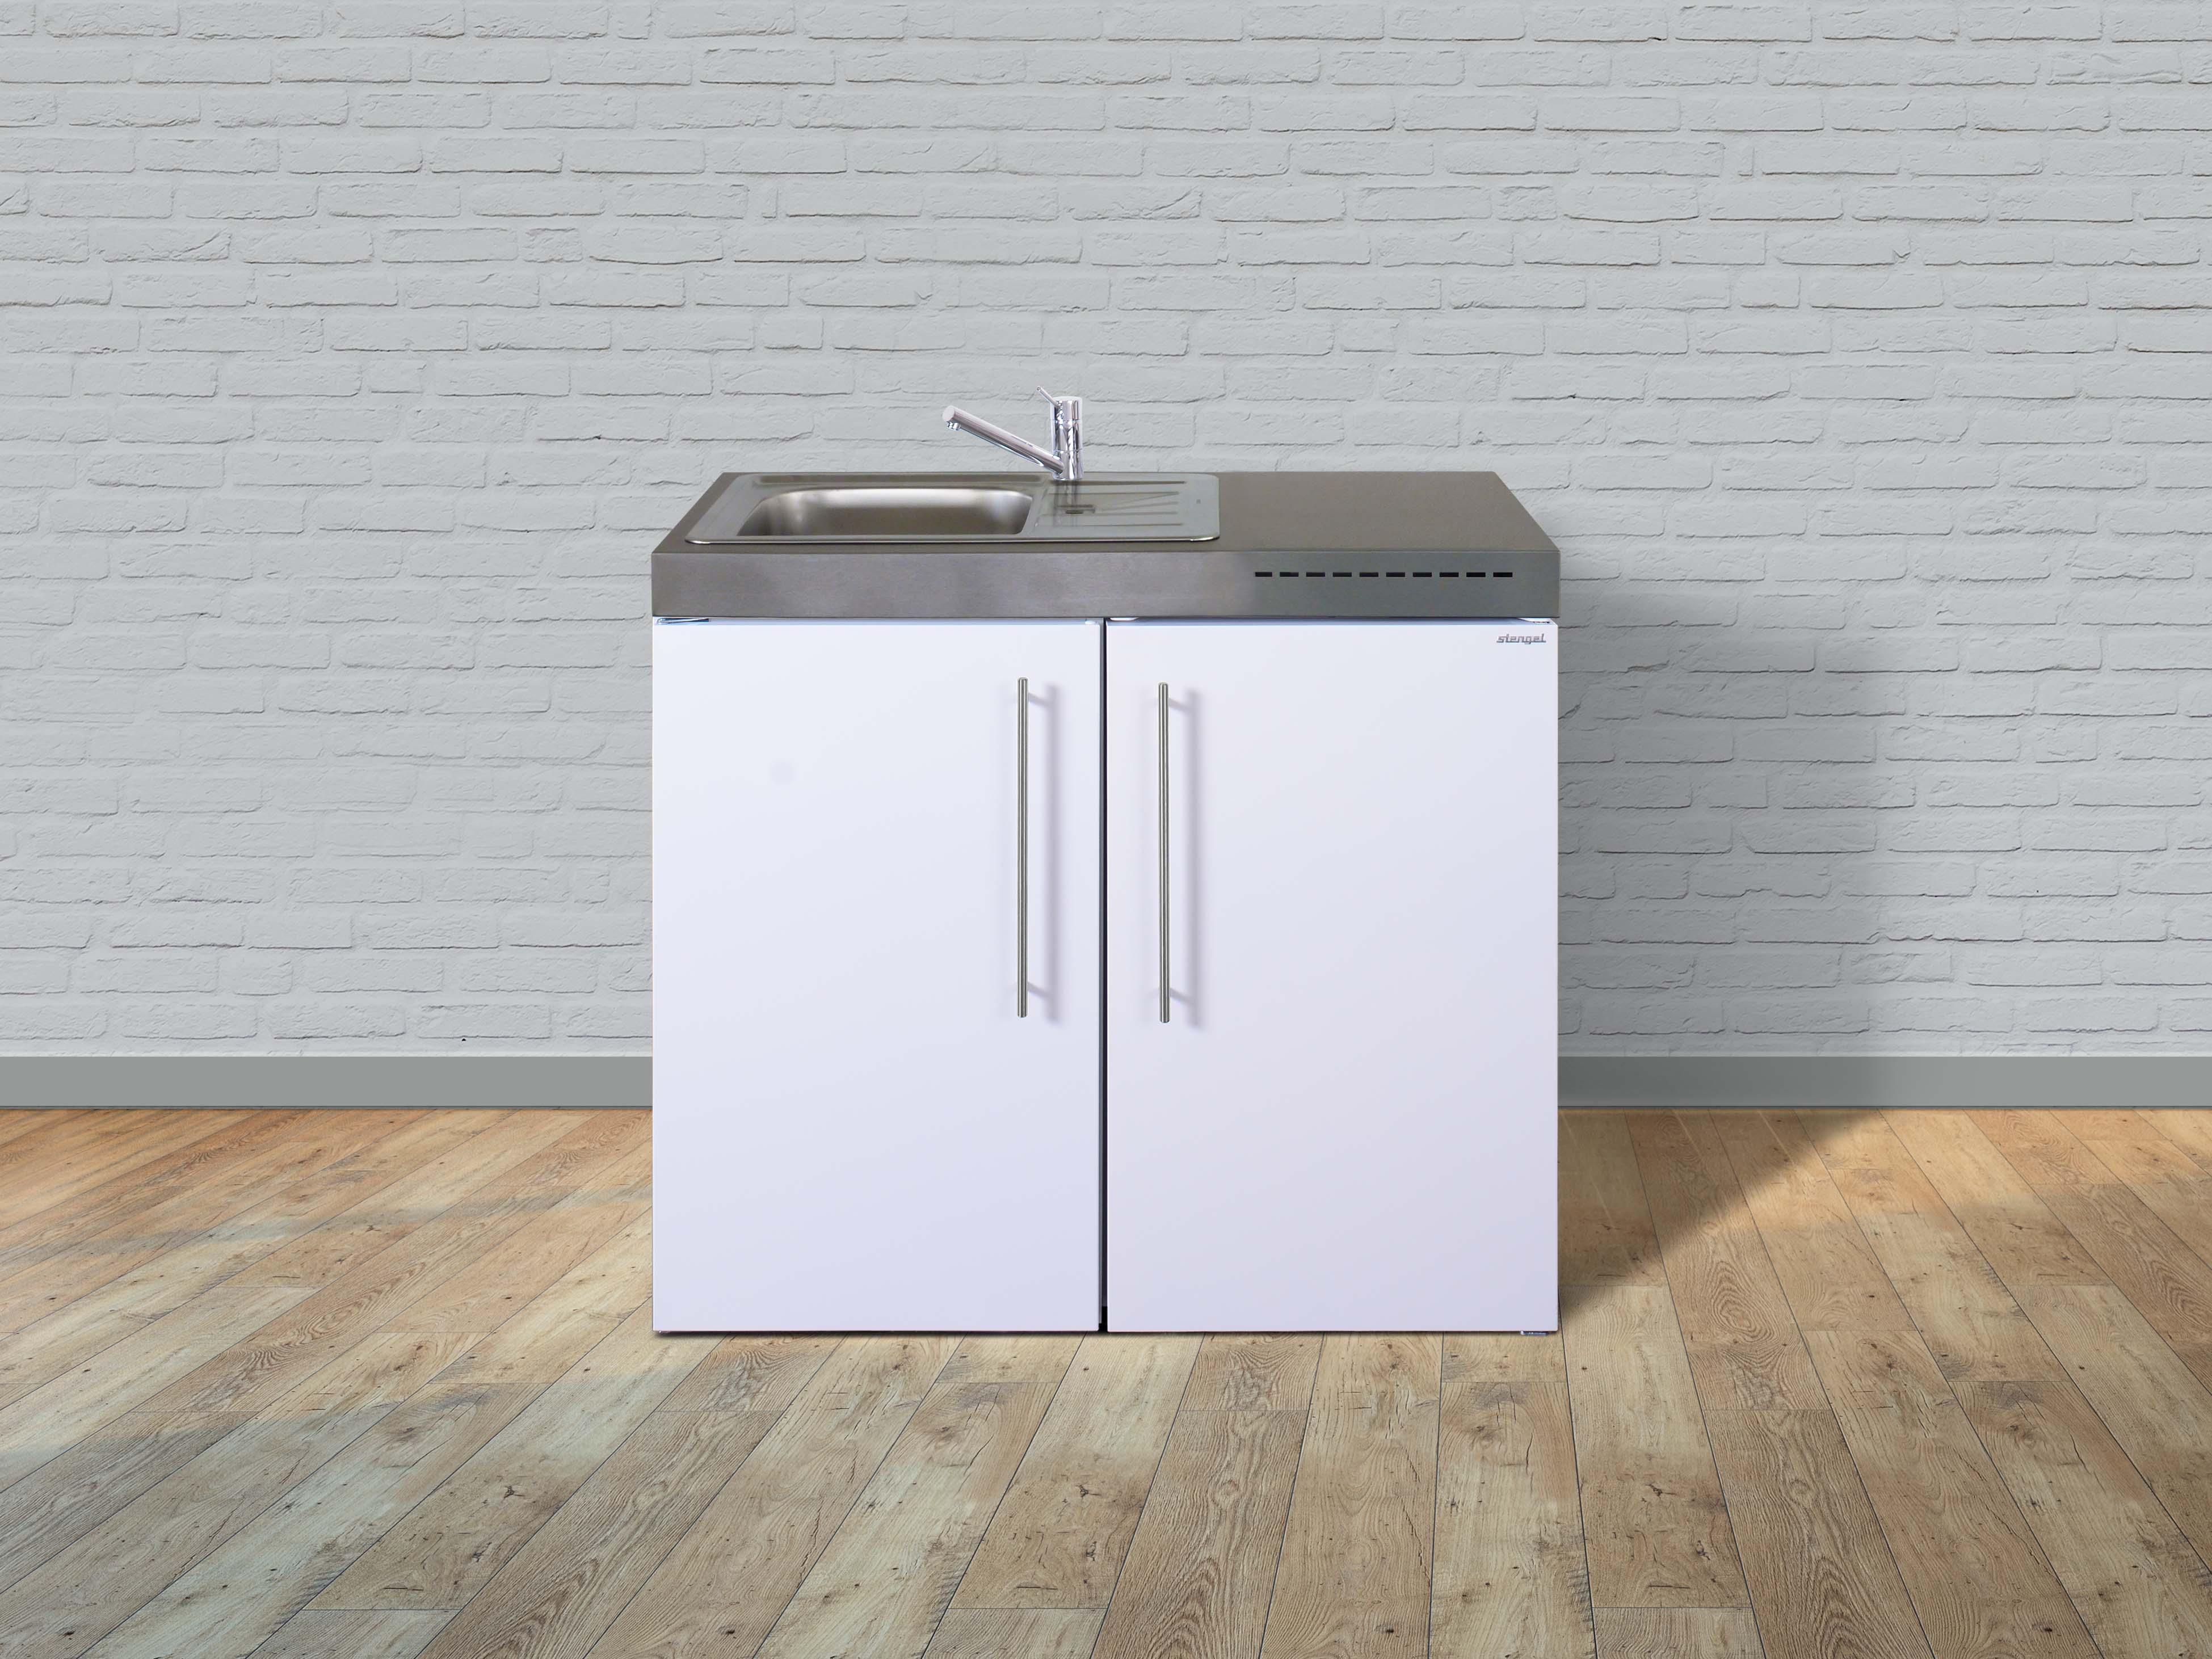 Miniküche Mit Kühlschrank 100 Cm : Stengel miniküche premiumline mp miniküchen online